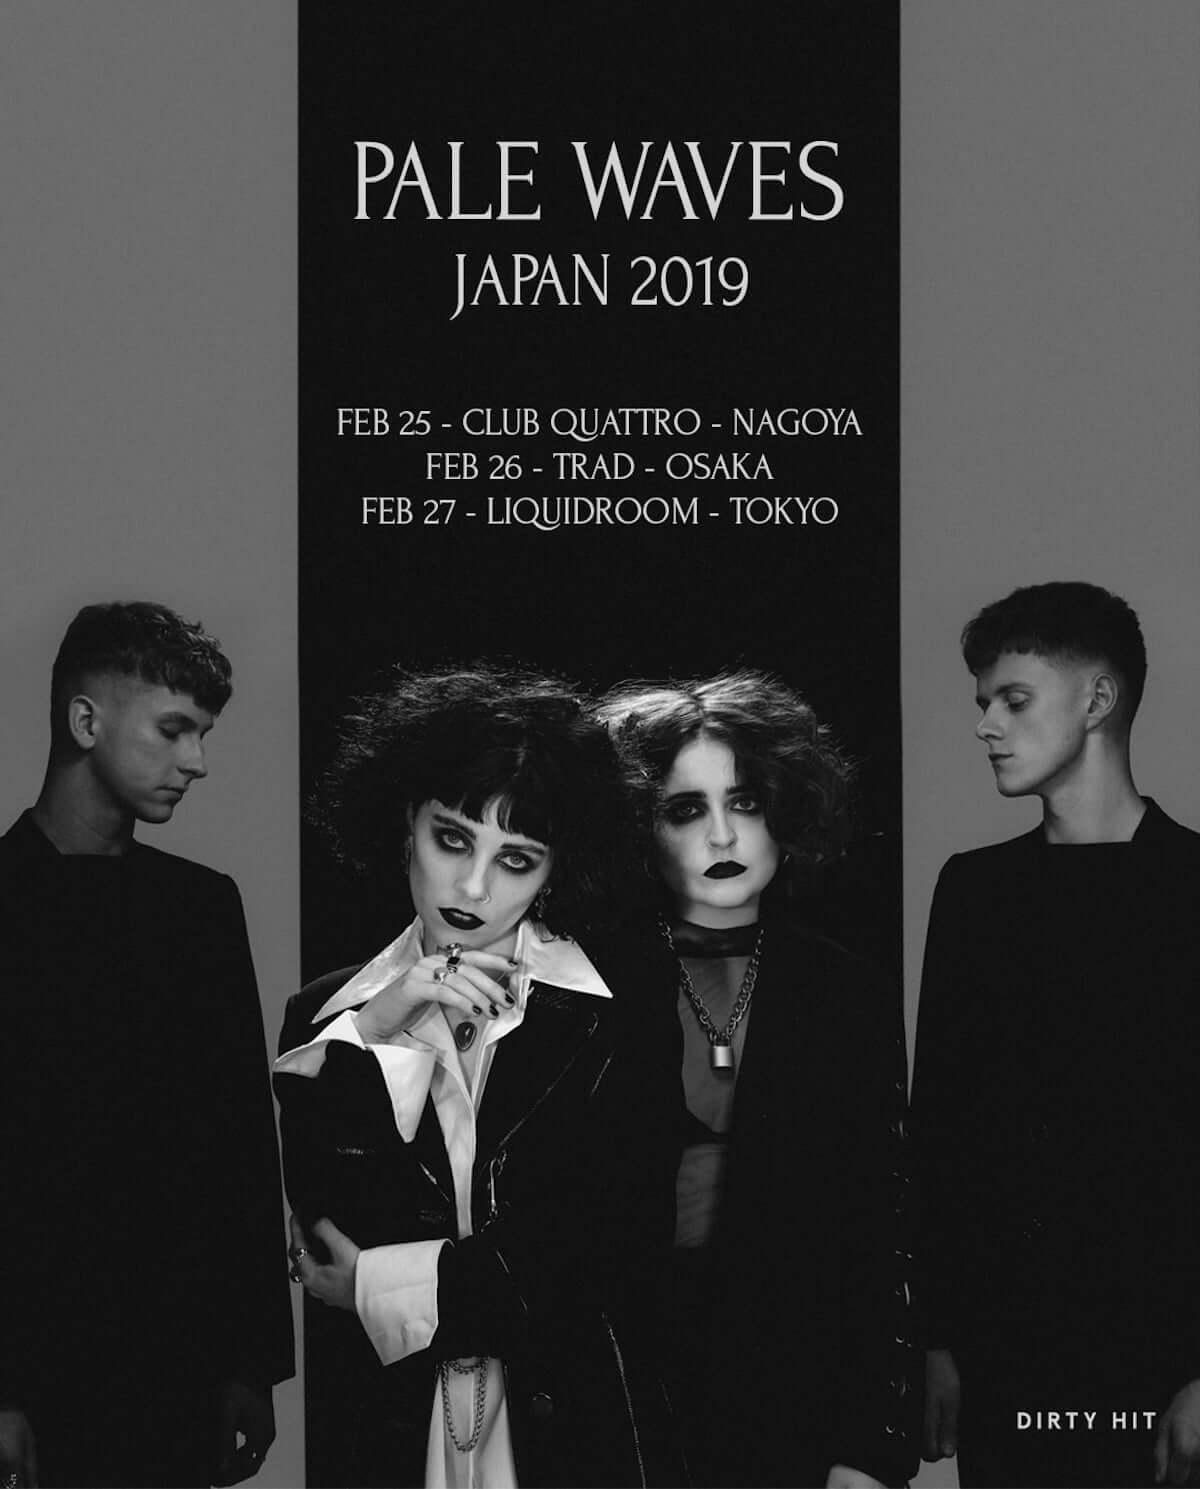 ペール・ウェーヴス、2019年2月に東京・名古屋・大阪を巡る来日ツアー決定! music181101_palewaves_01-1200x1489